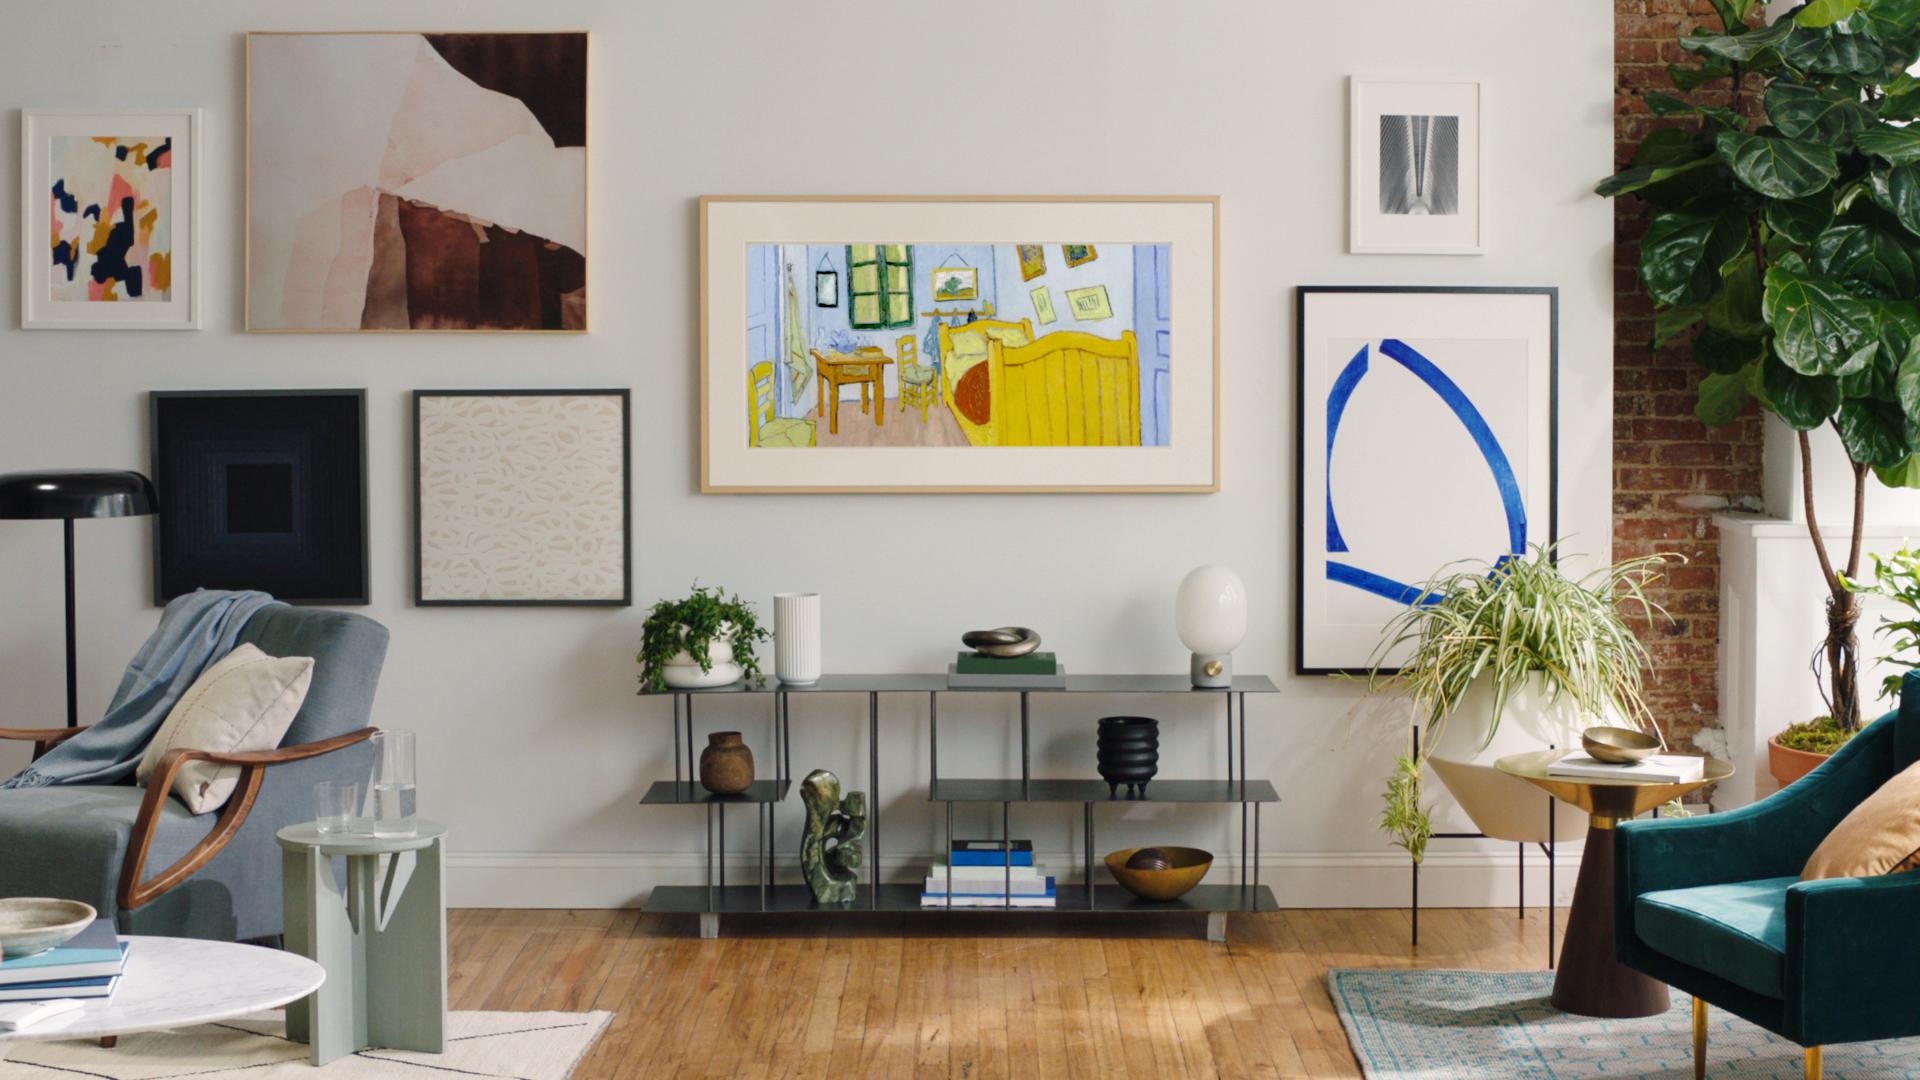 Kunst Vincent van Gogh thuis aan de muur met Samsung The Frame ...